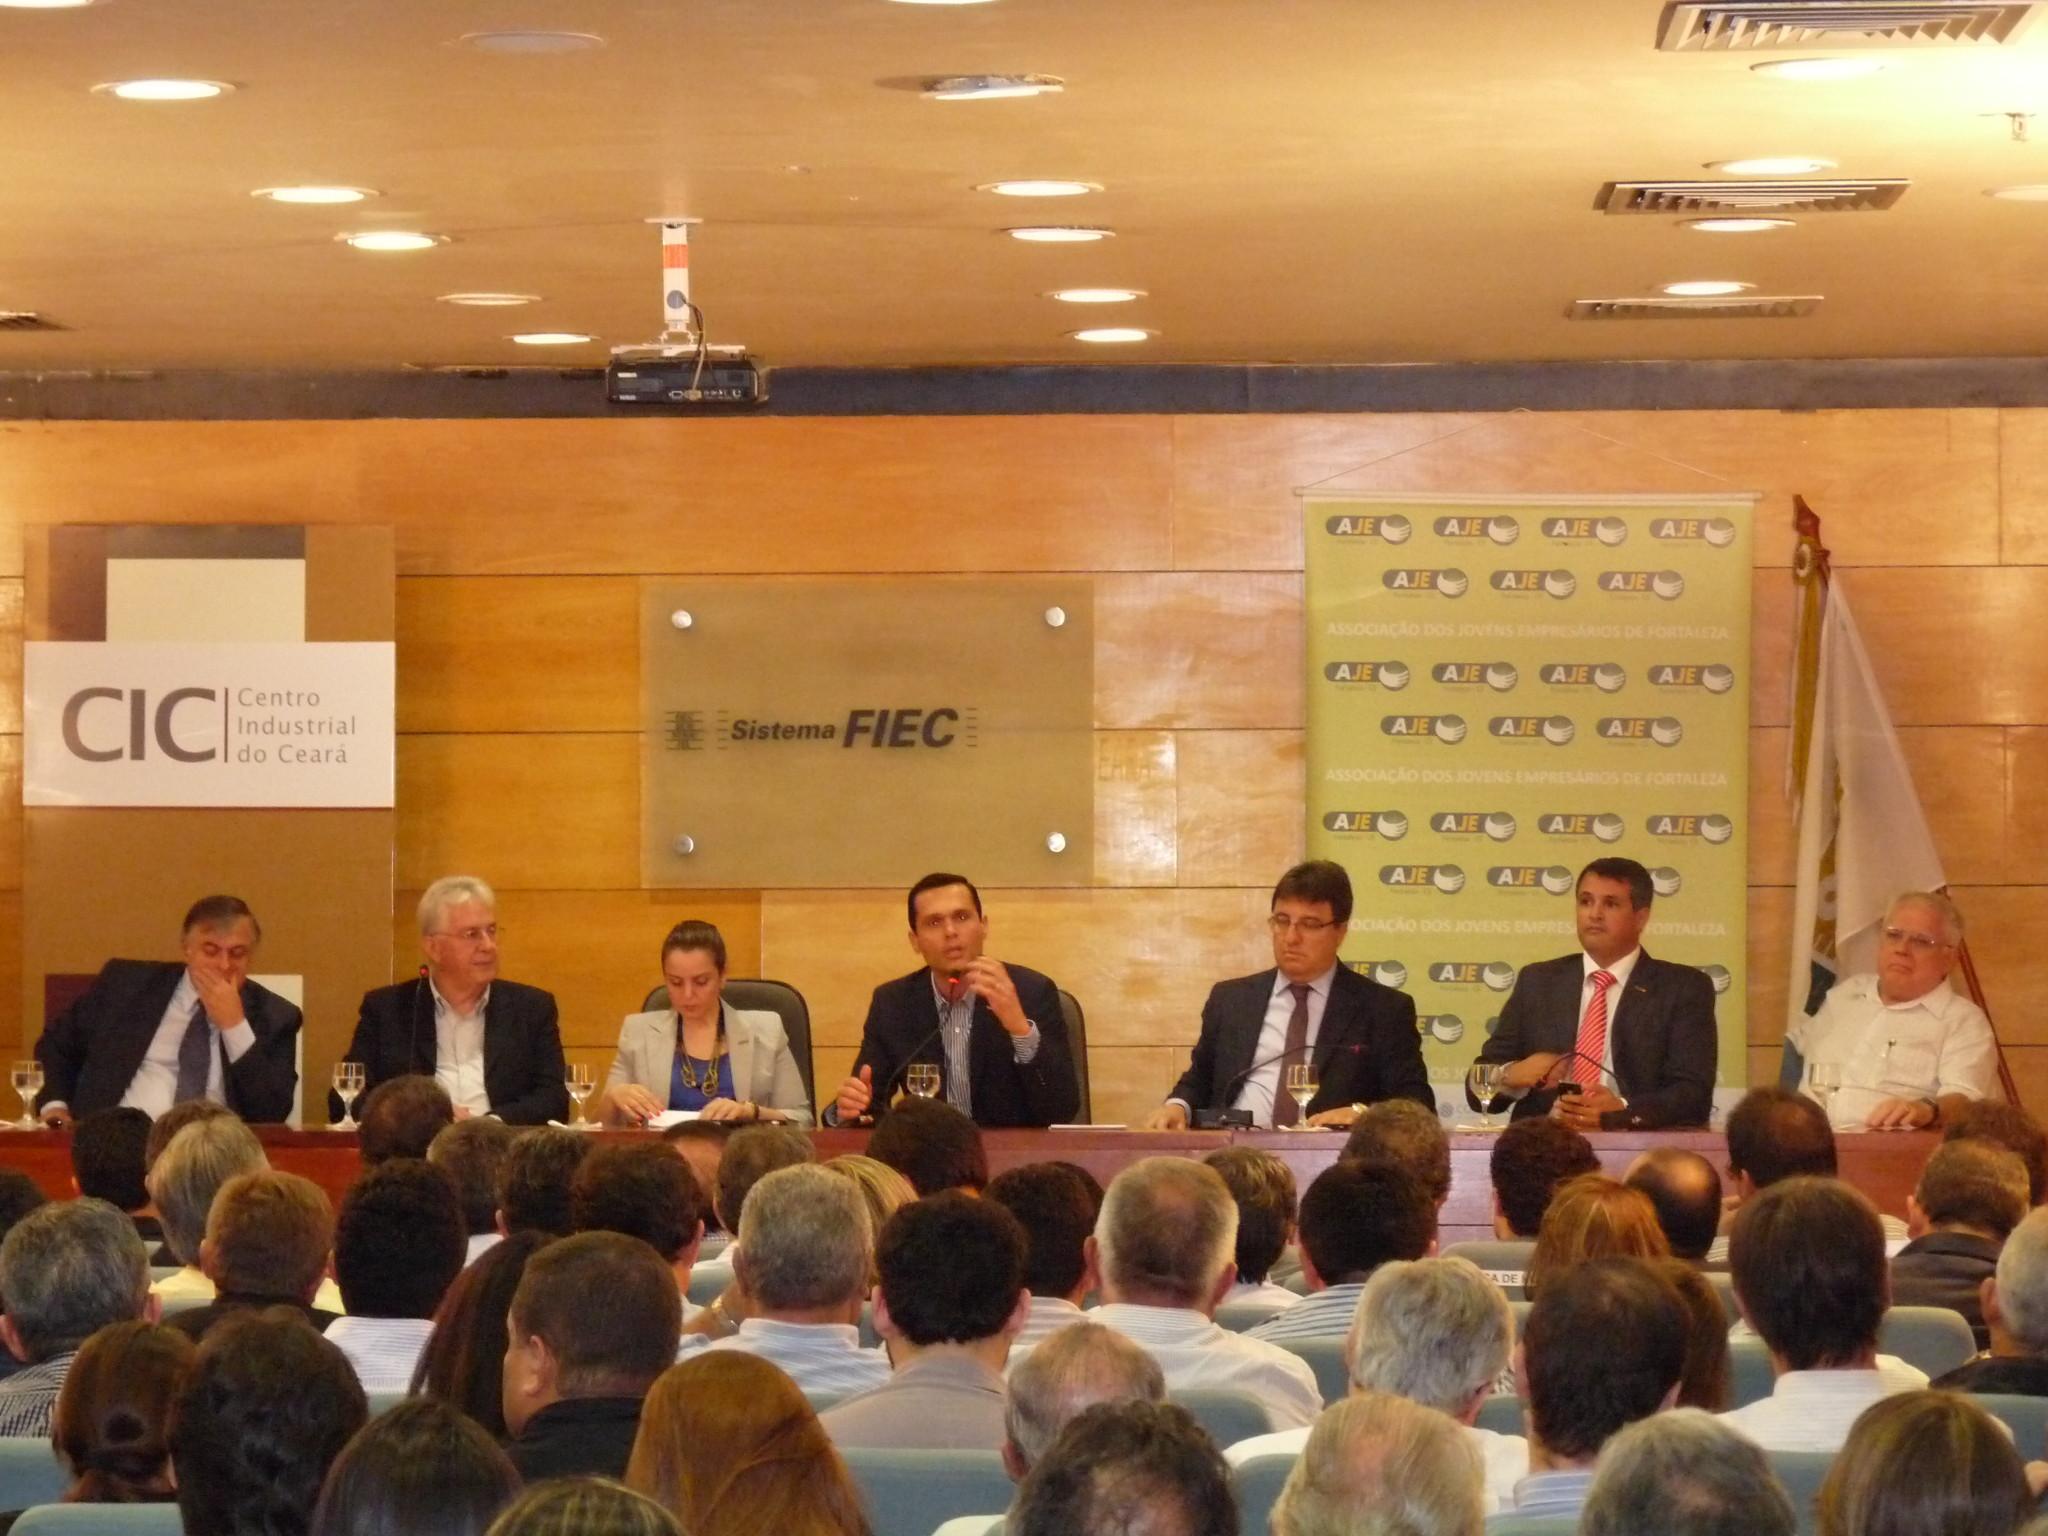 24-04-2012 - Debate sobre Refinaria ( CIC )- FIEC (45)